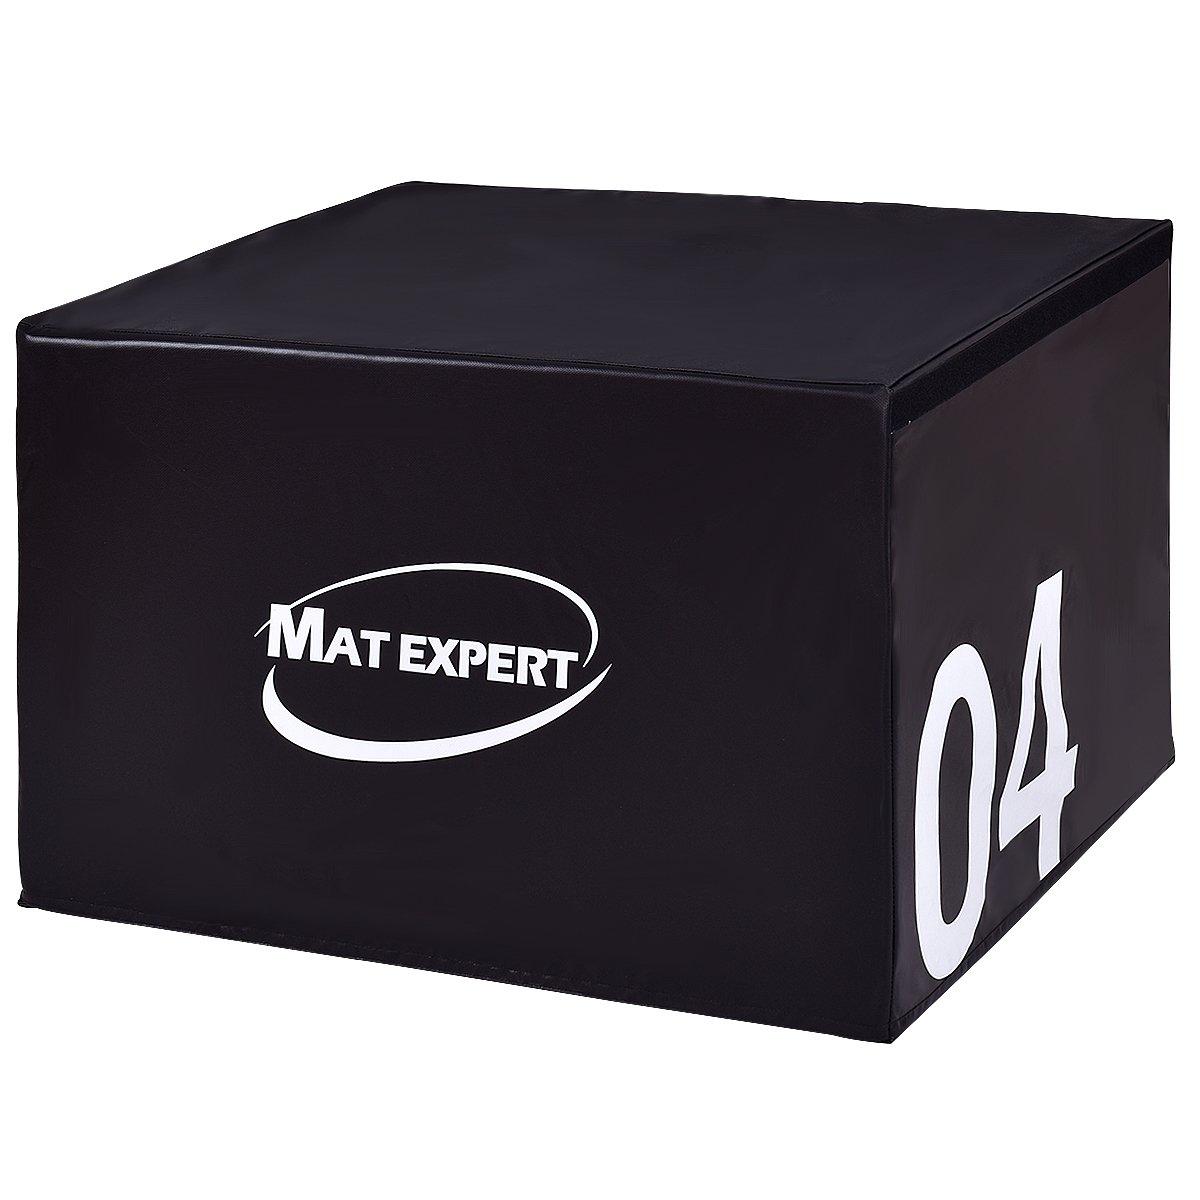 MAT EXPERT PVCソフトフォームジャンピングボックス プライオメトリックエクササイズ フィットネスセーフボックス  24\ B0749KKVQJ